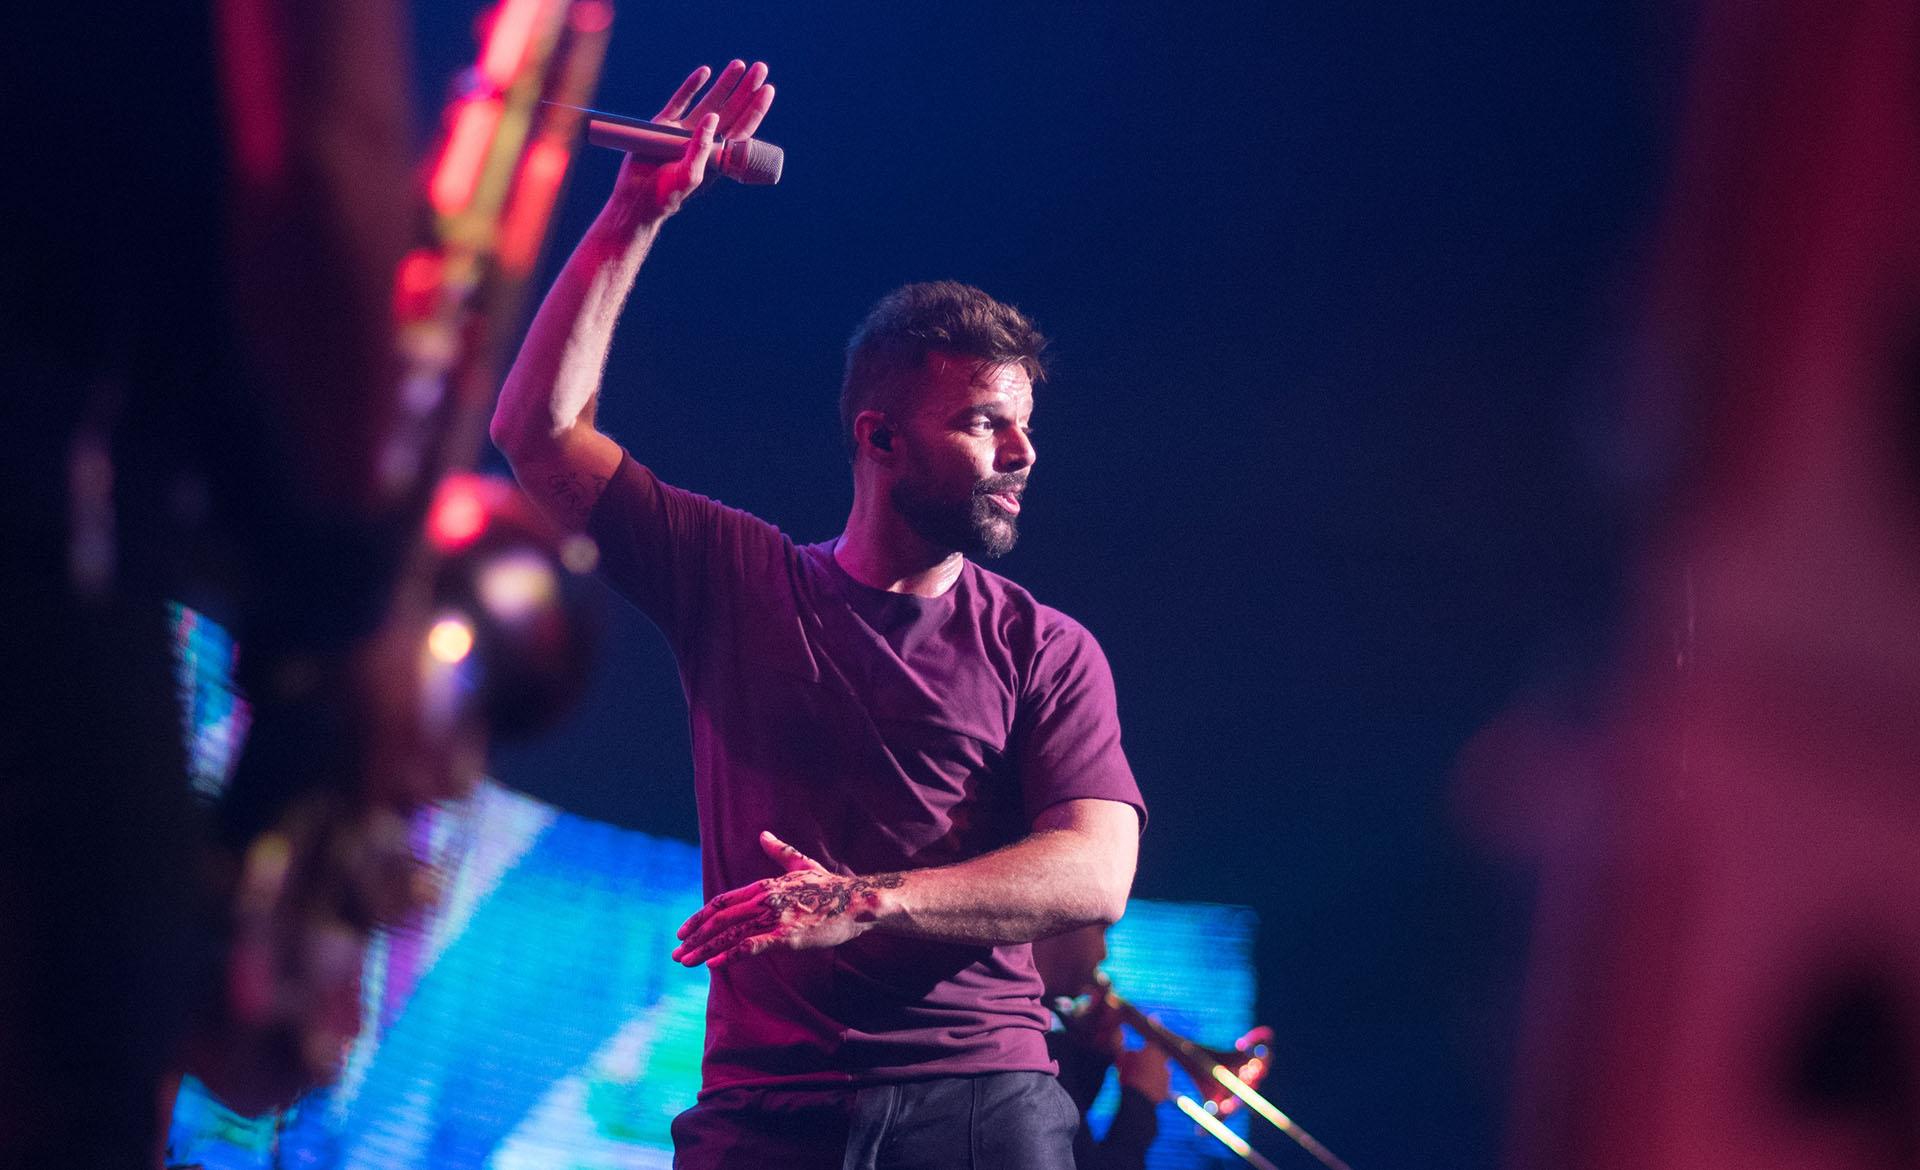 Con banda de músicos en vivoy cambio de vestuario el cantante puertoriqueño hizo delirar a los invitados